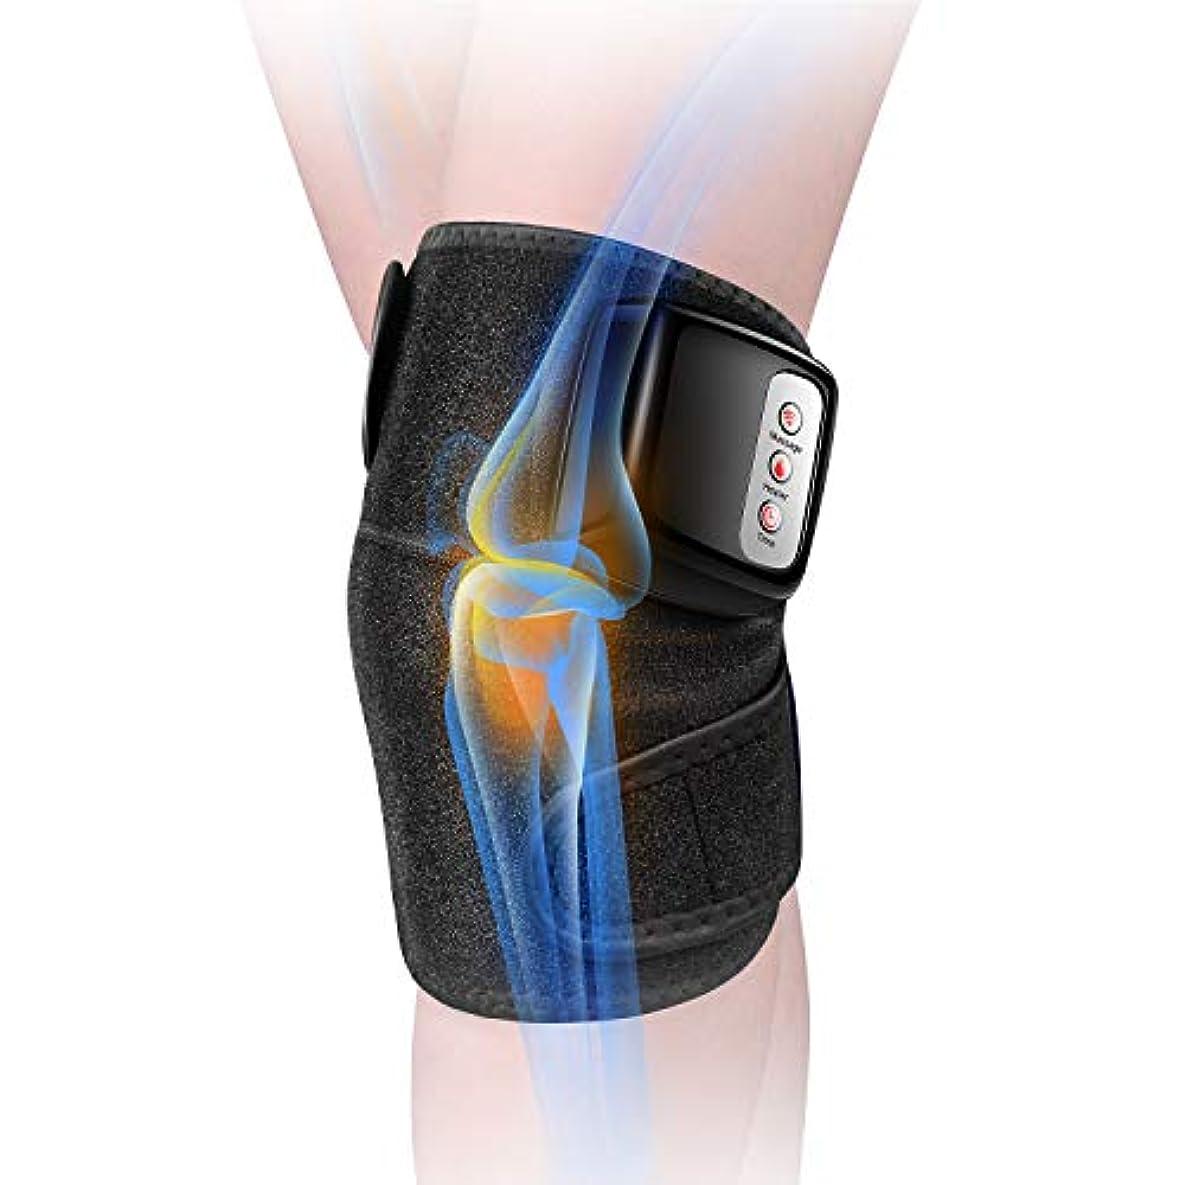 日常的にエスカレーター襟膝マッサージャー 関節マッサージャー マッサージ器 フットマッサージャー 振動 赤外線療法 温熱療法 膝サポーター ストレス解消 肩 太もも/腕対応